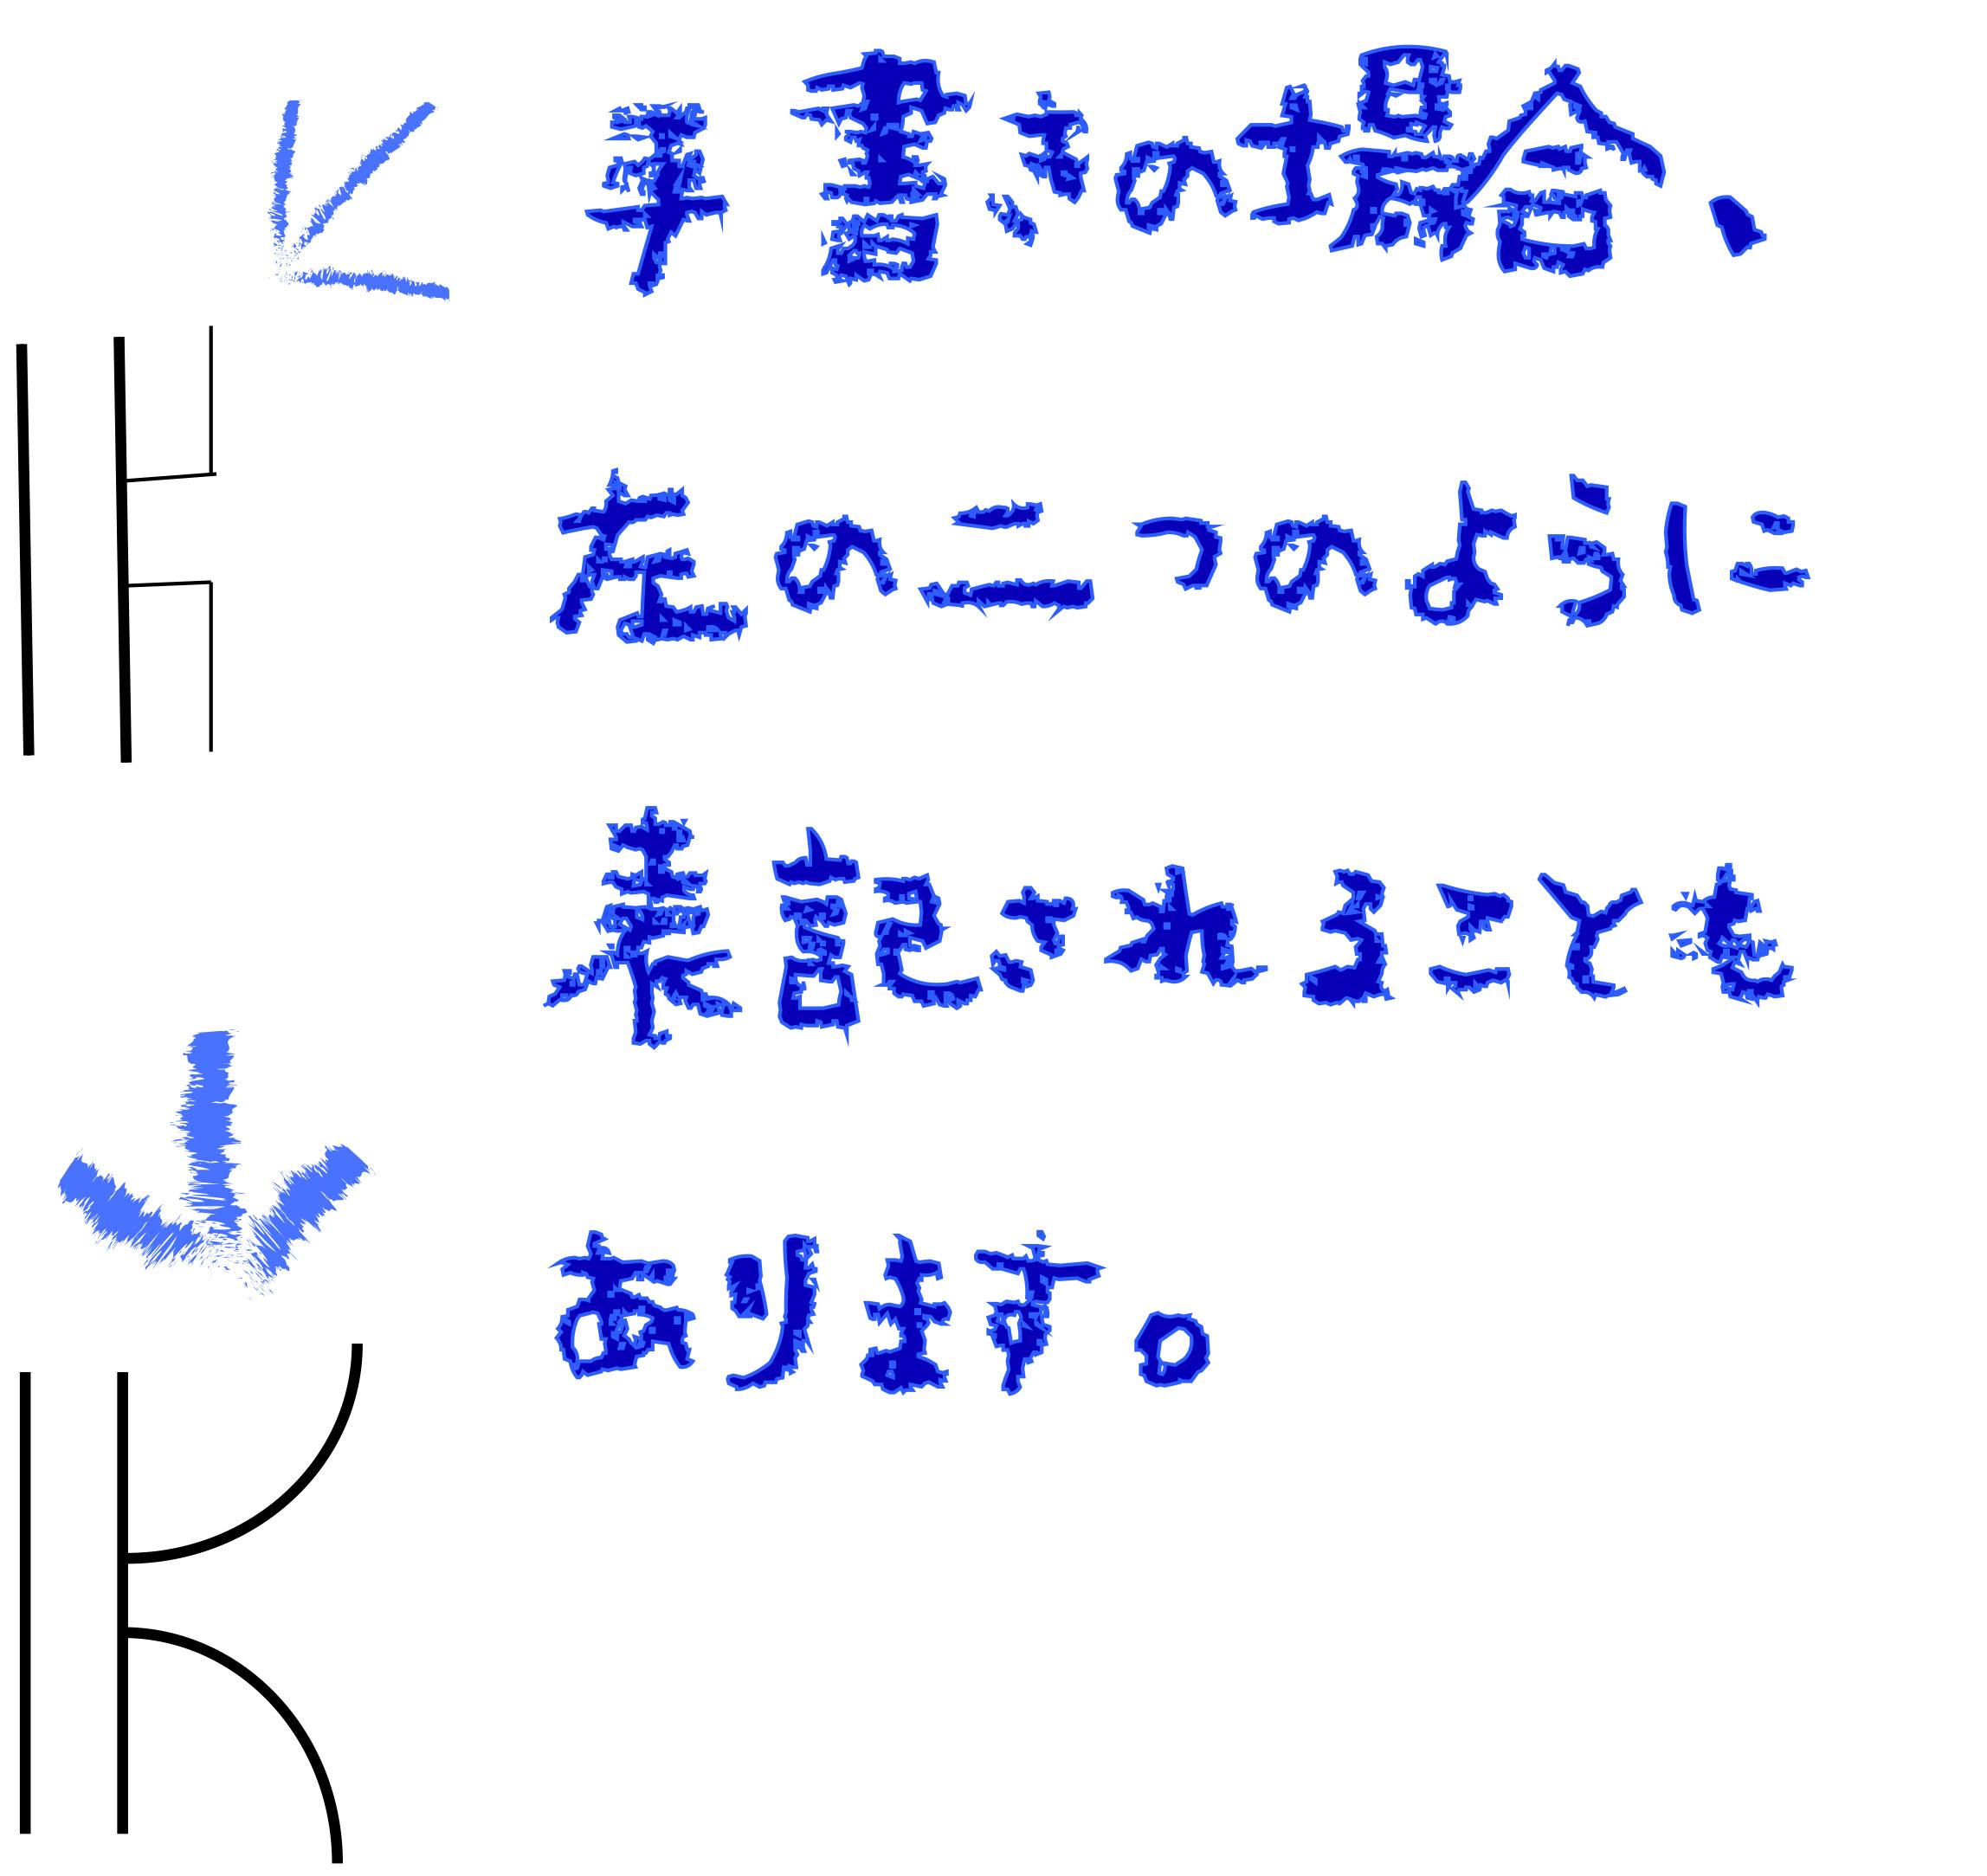 ハ音記号手書き